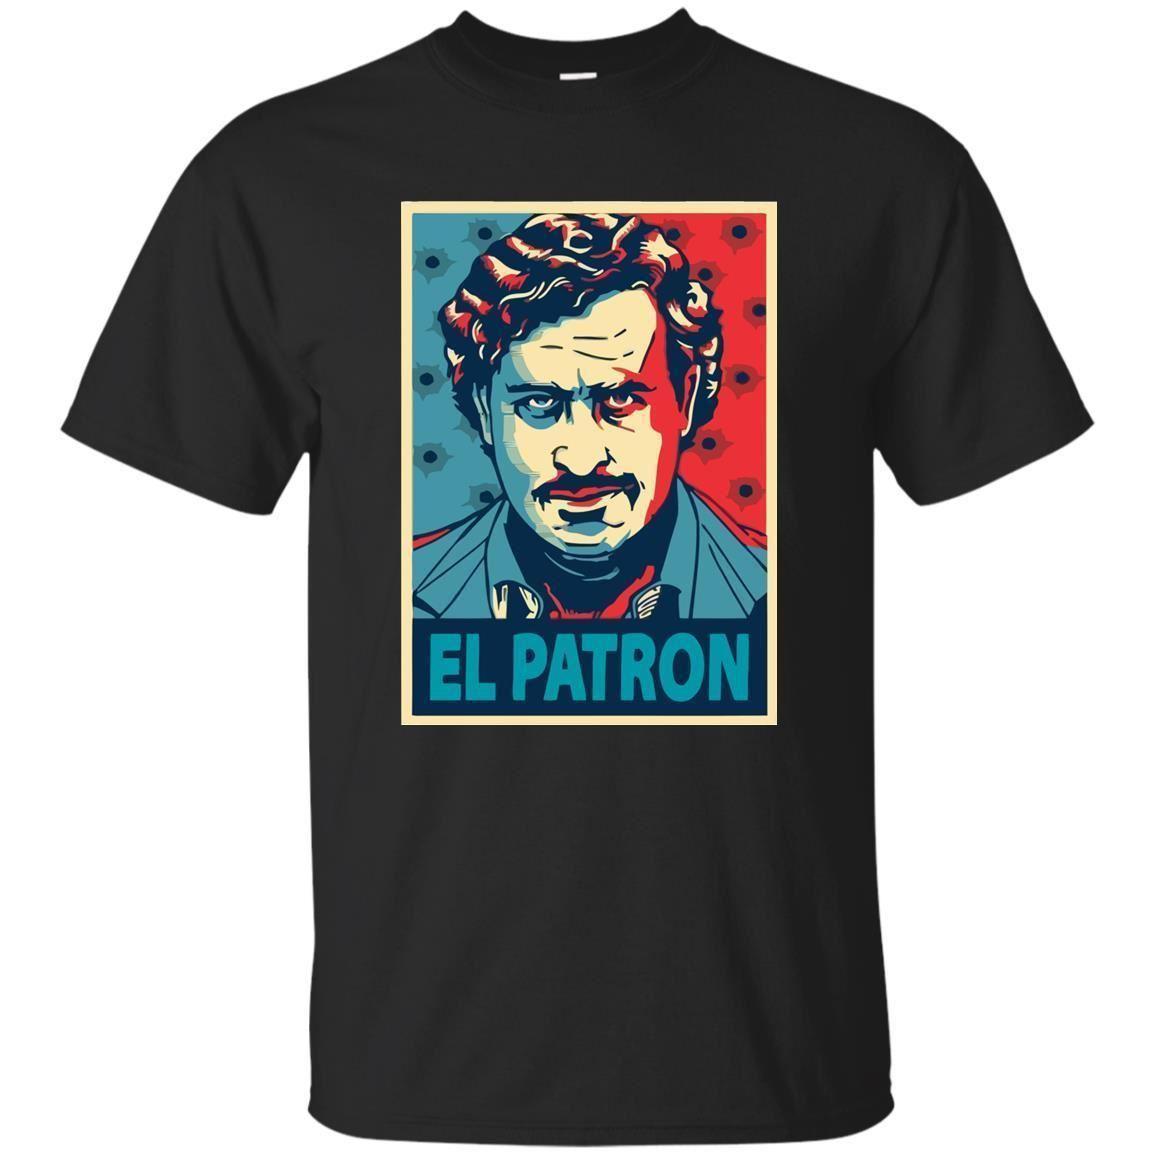 Chaud Cartel Tops Hommes Narcos T Top Gratuite Shirt Colombie Escobar 3xldiscout Pablo S Livraison Noir Nouveau Acj354RqL